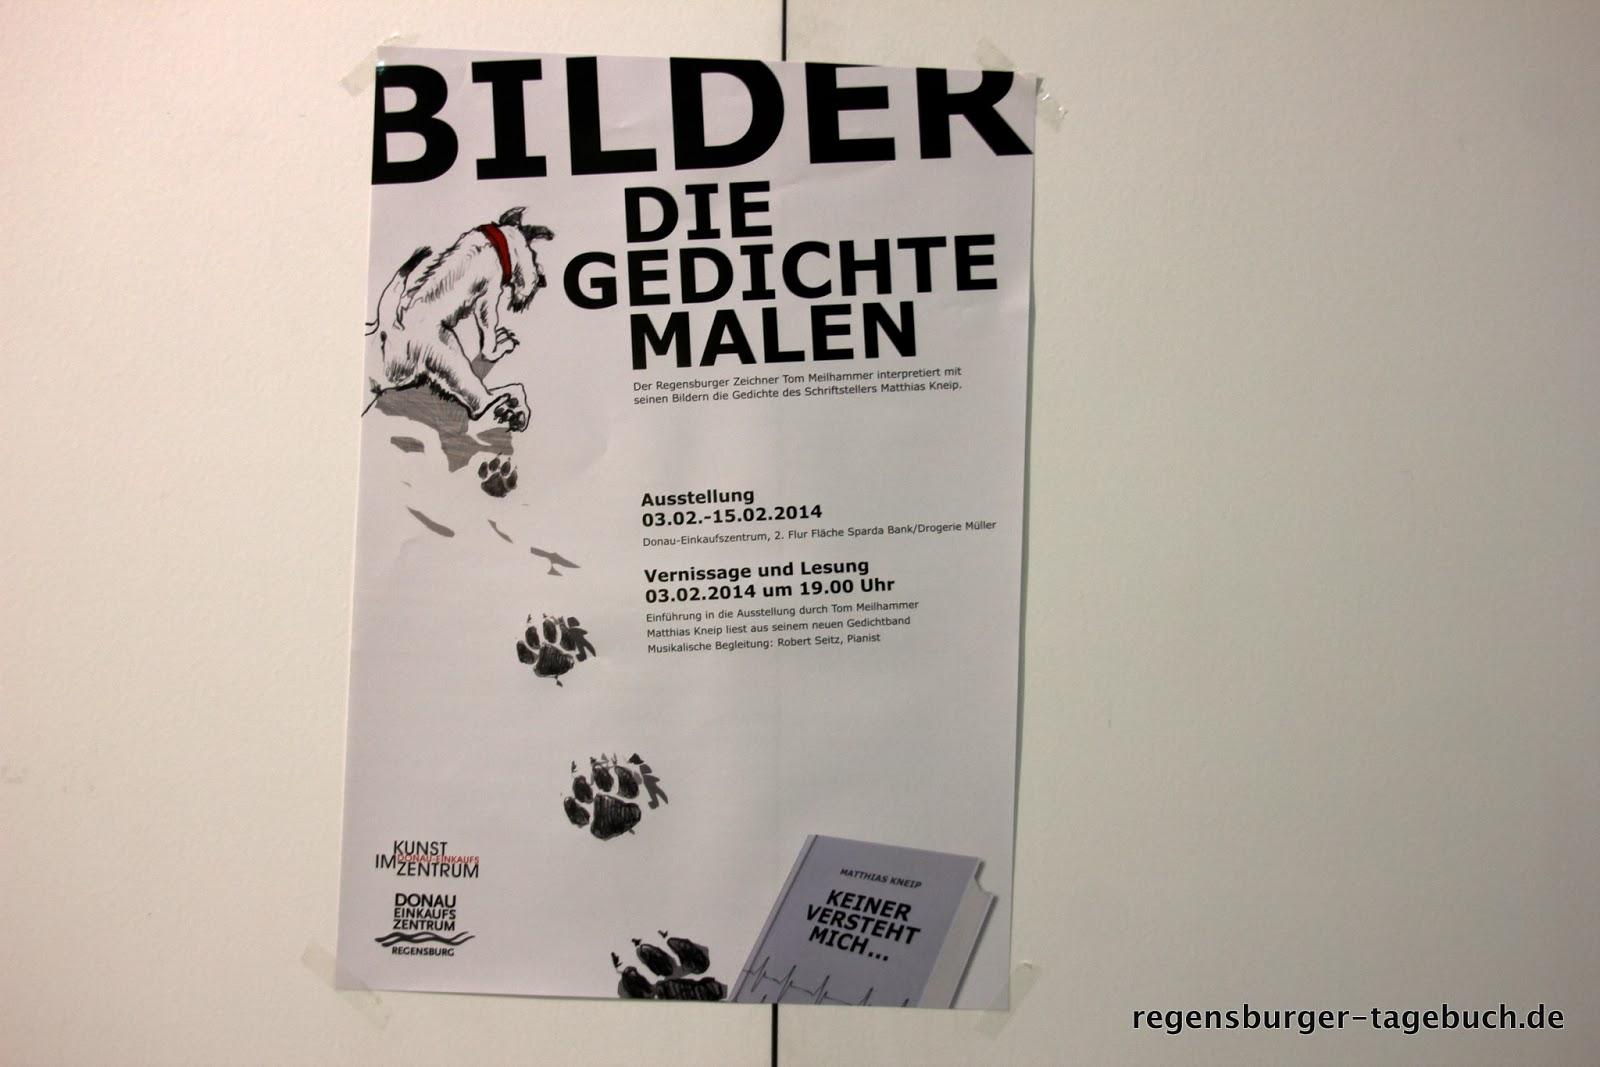 Regensburger Tagebuch Bilder Die Gedichte Malen Ausstellung Im Dez